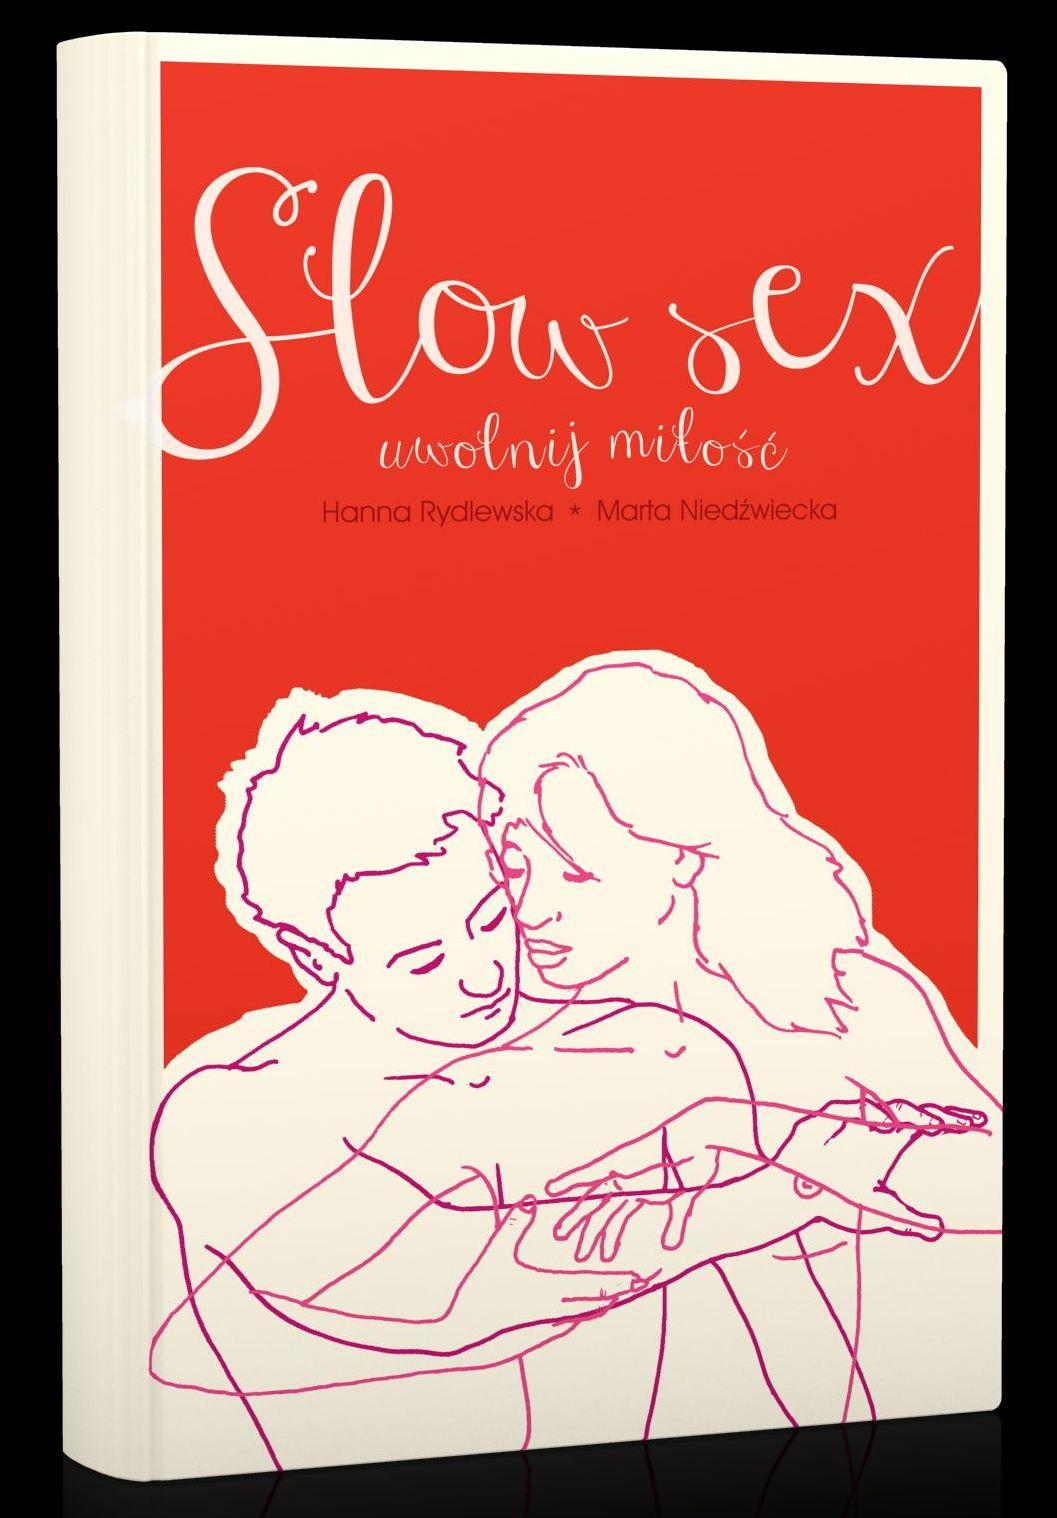 """Fragment pochodzi z książki Hanny Rydlewskiej i Marty Niedźwieckiej """"Slow sex. Uwolnij miłość"""" Wyd. Agora 2016."""